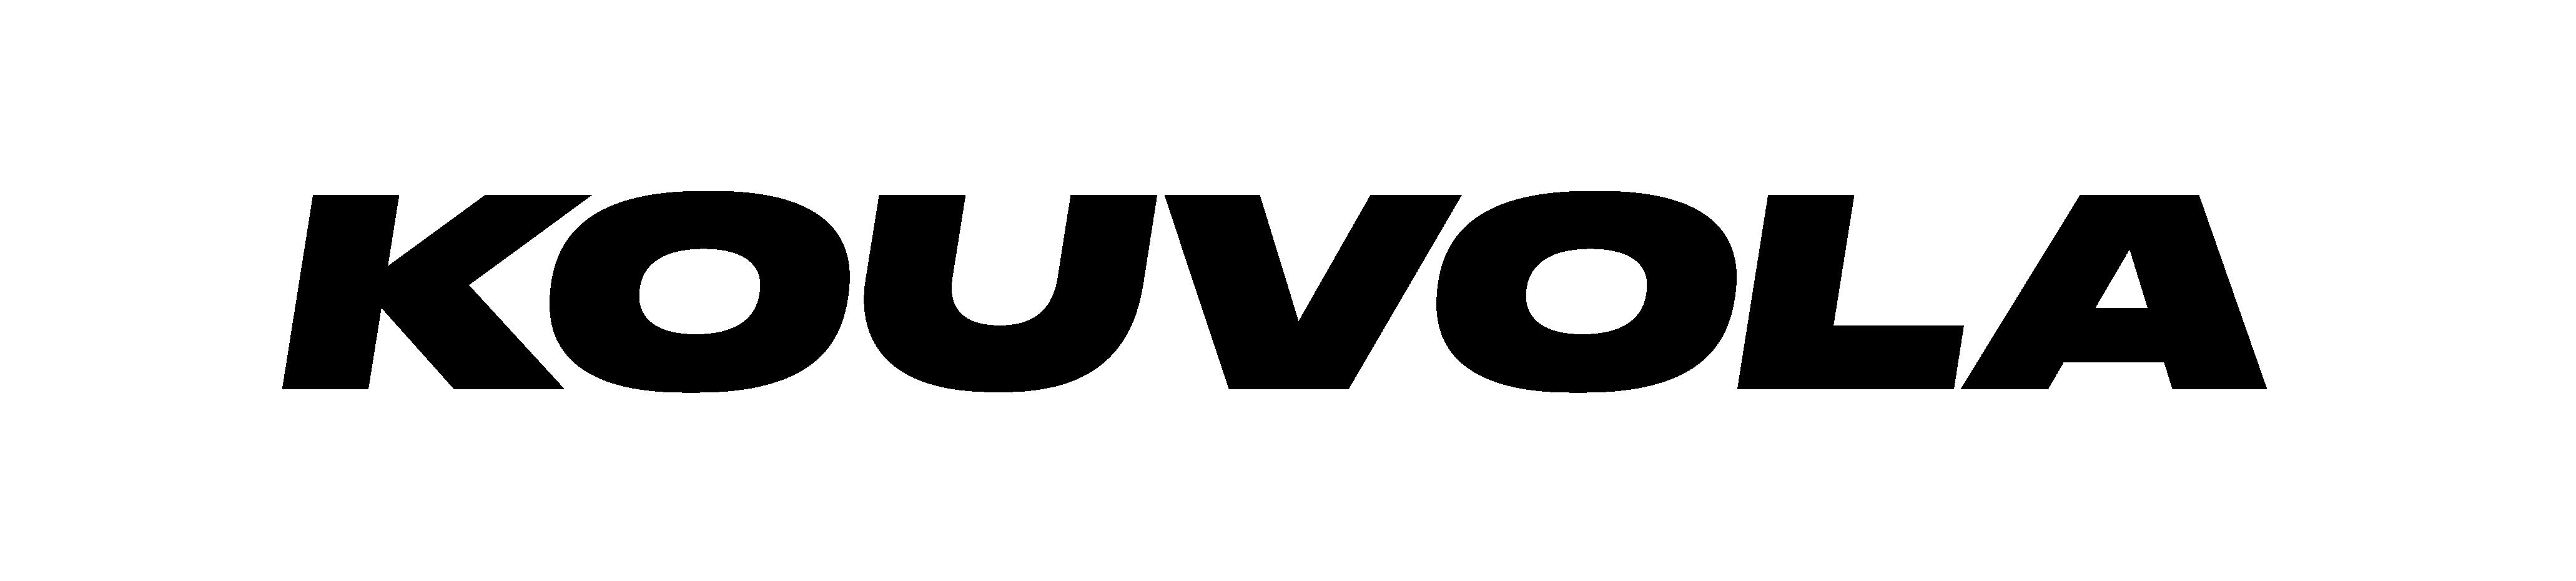 Logo: Kouvolan Ammattiopisto Oy